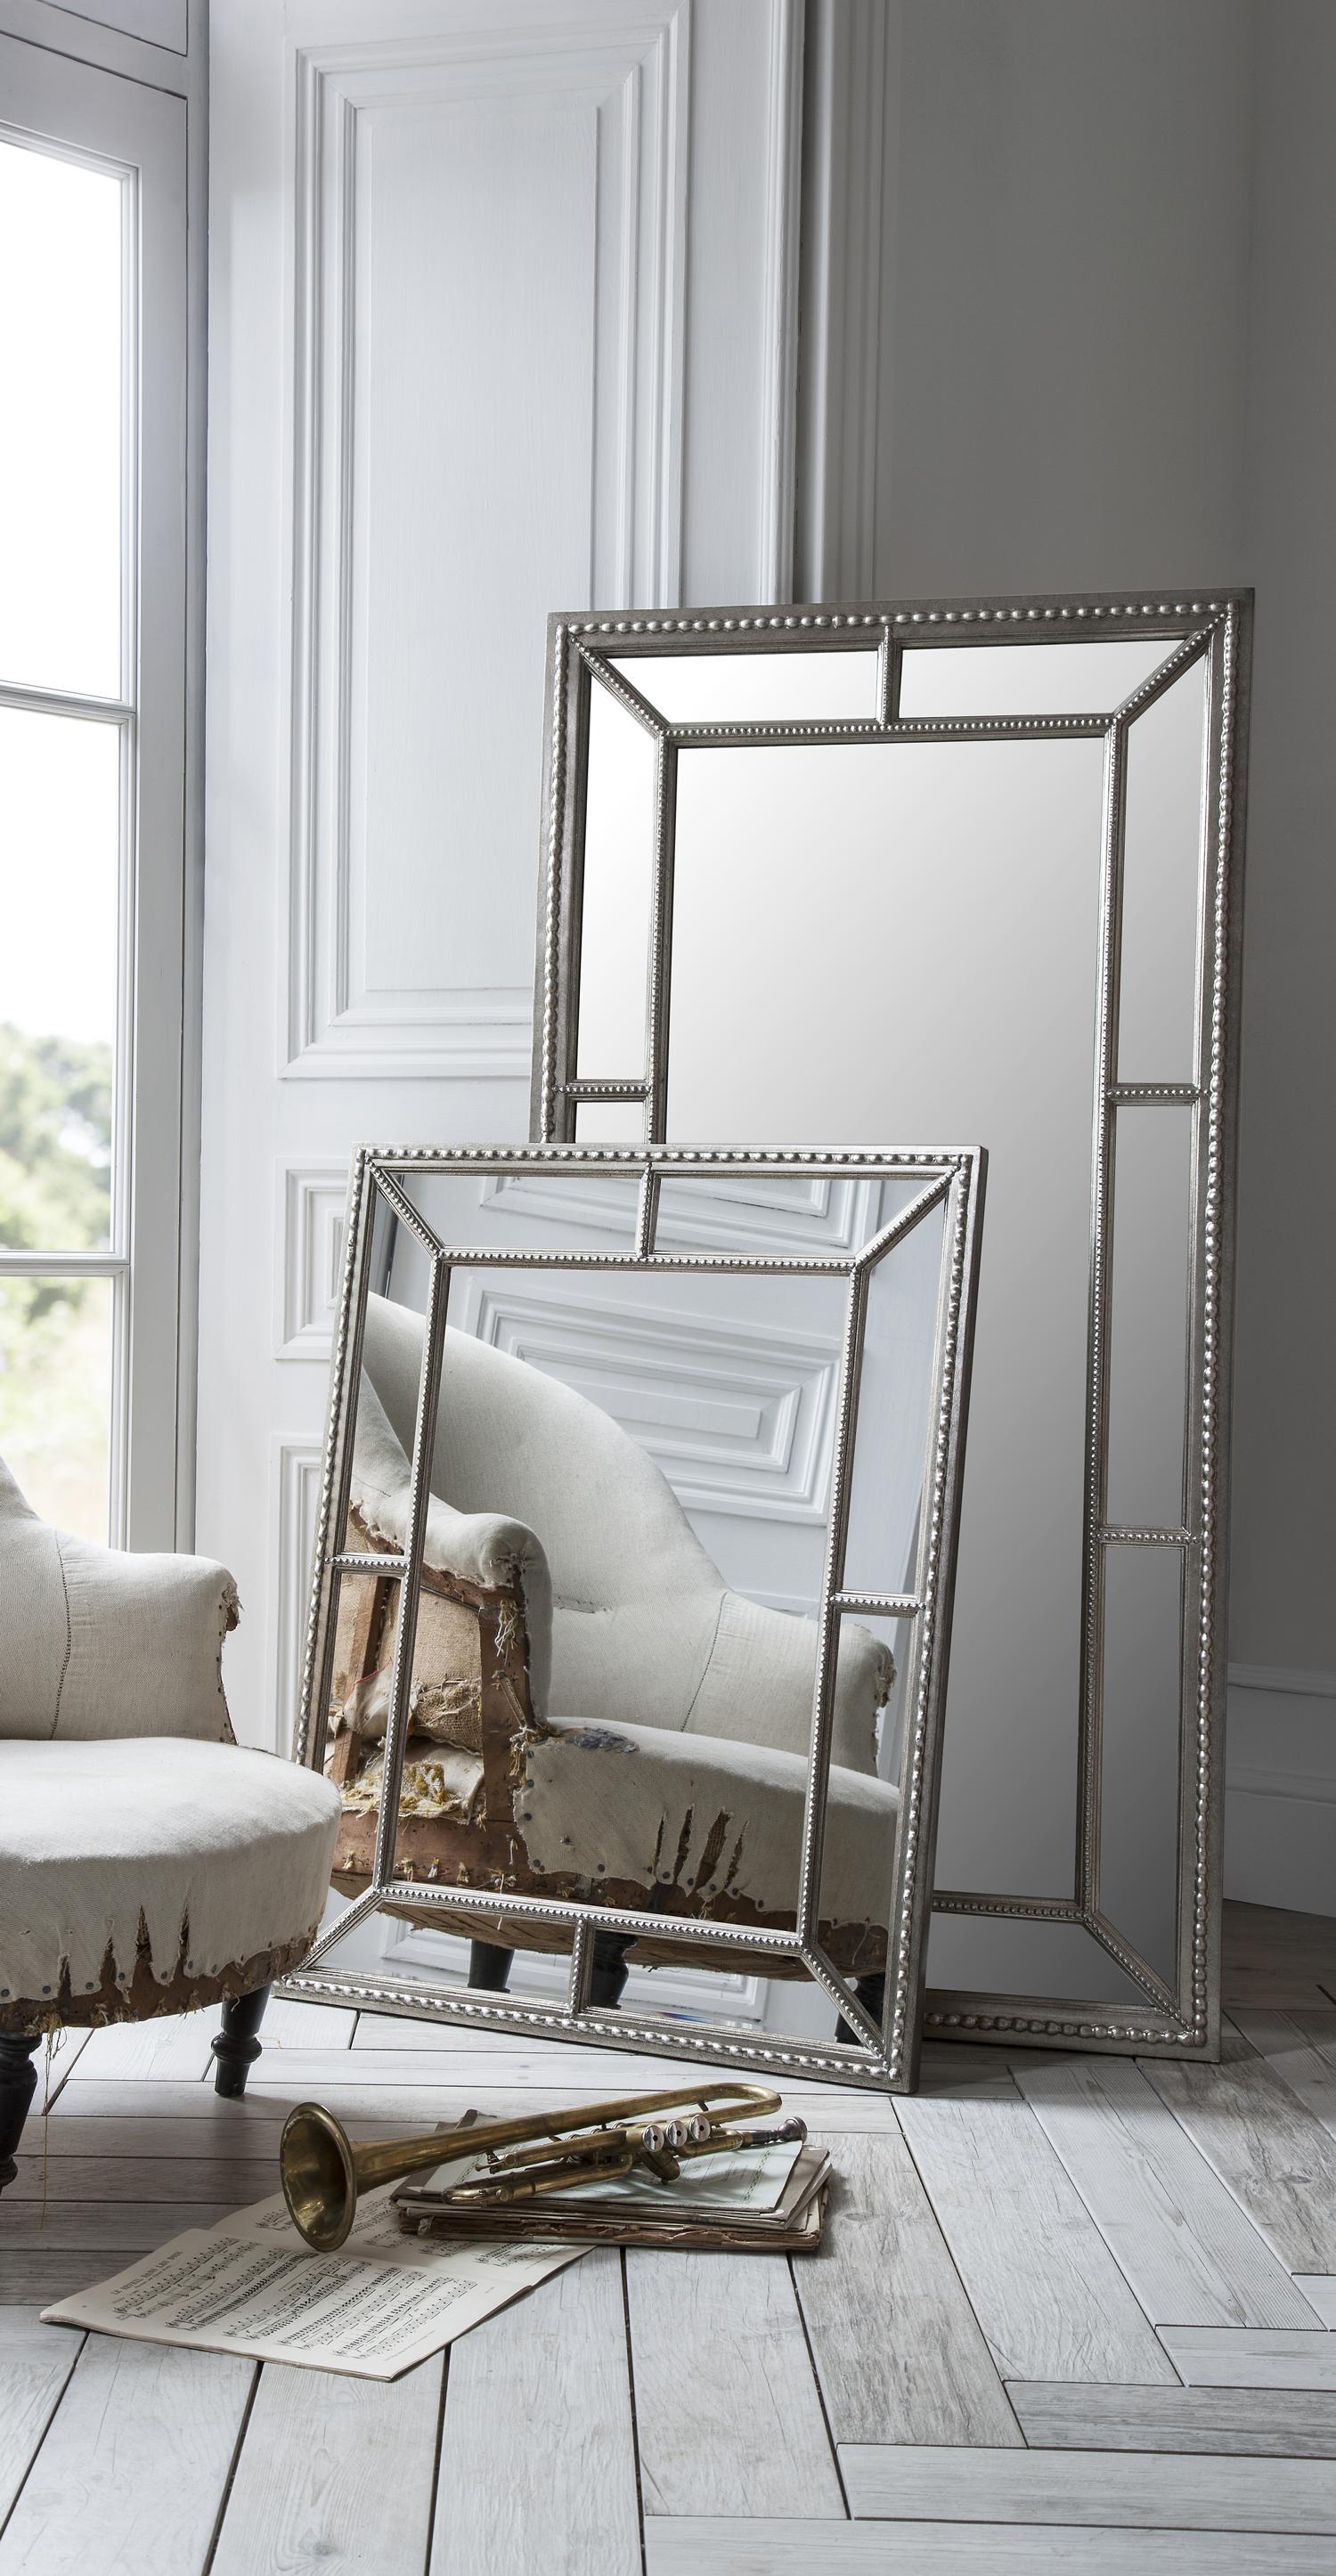 Wandspiegel Jaylin  Wohnzimmer spiegel, Spiegel schmücken